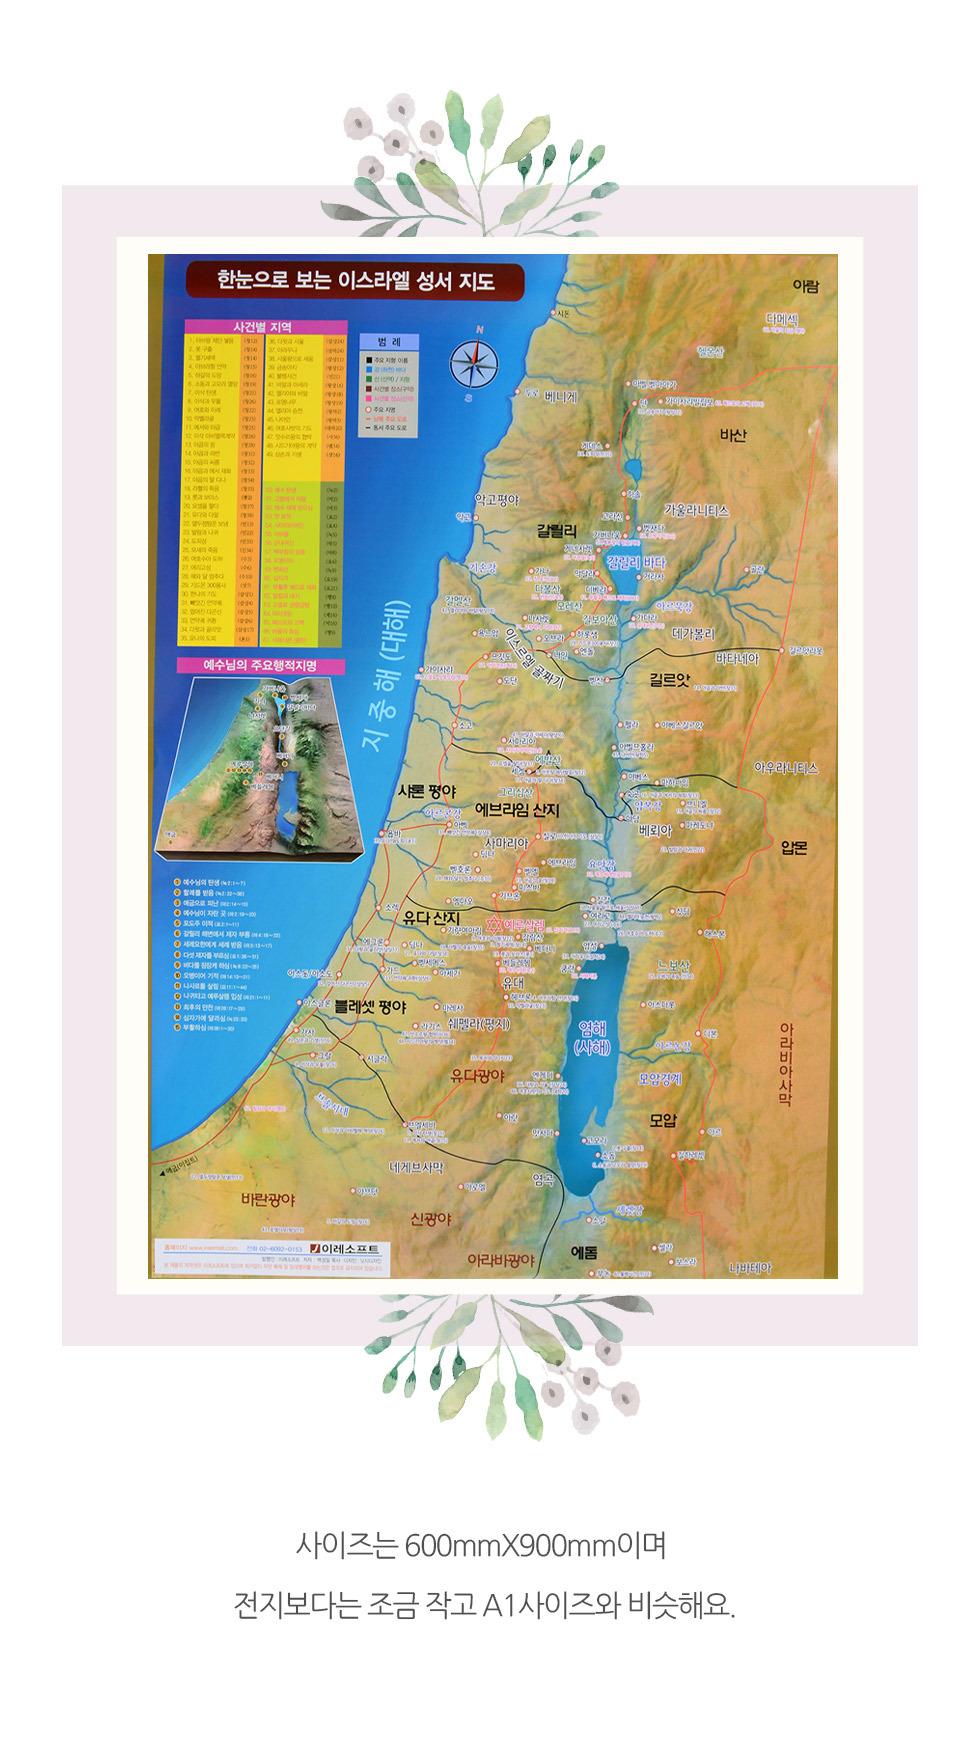 한눈에 보는 이스라엘 성서지도(사건별) - 지도 전체 보기, 크기 가로 600mm 세로 900mm